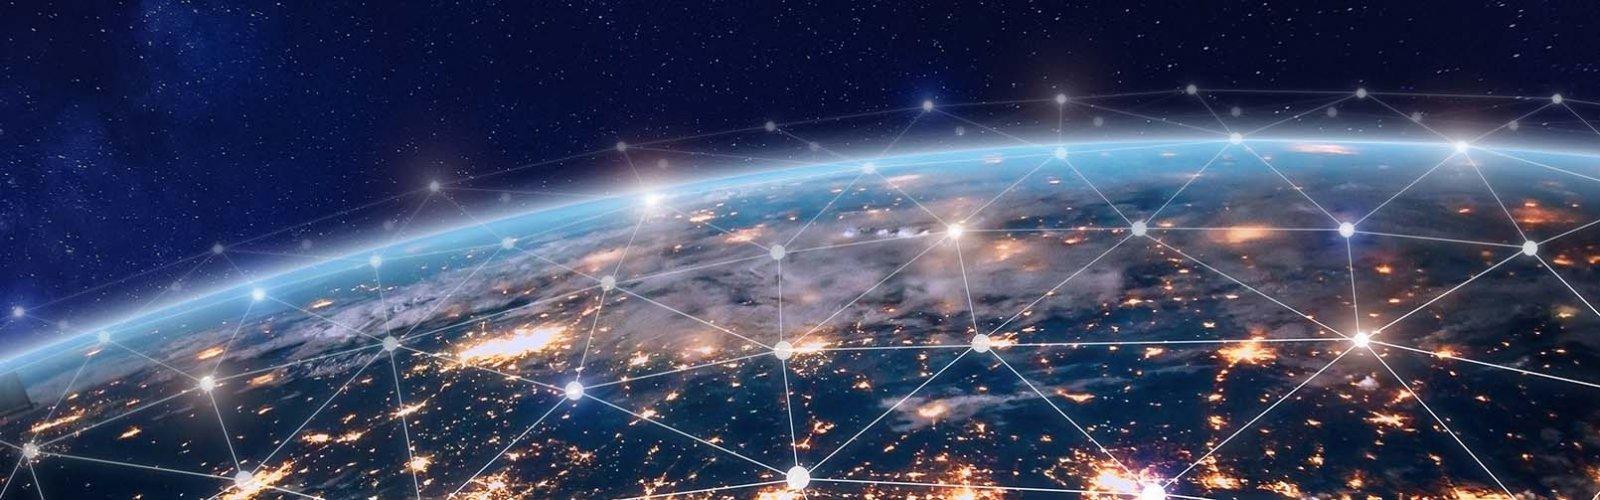 Aarde in de nacht met verbonden lichtpunten